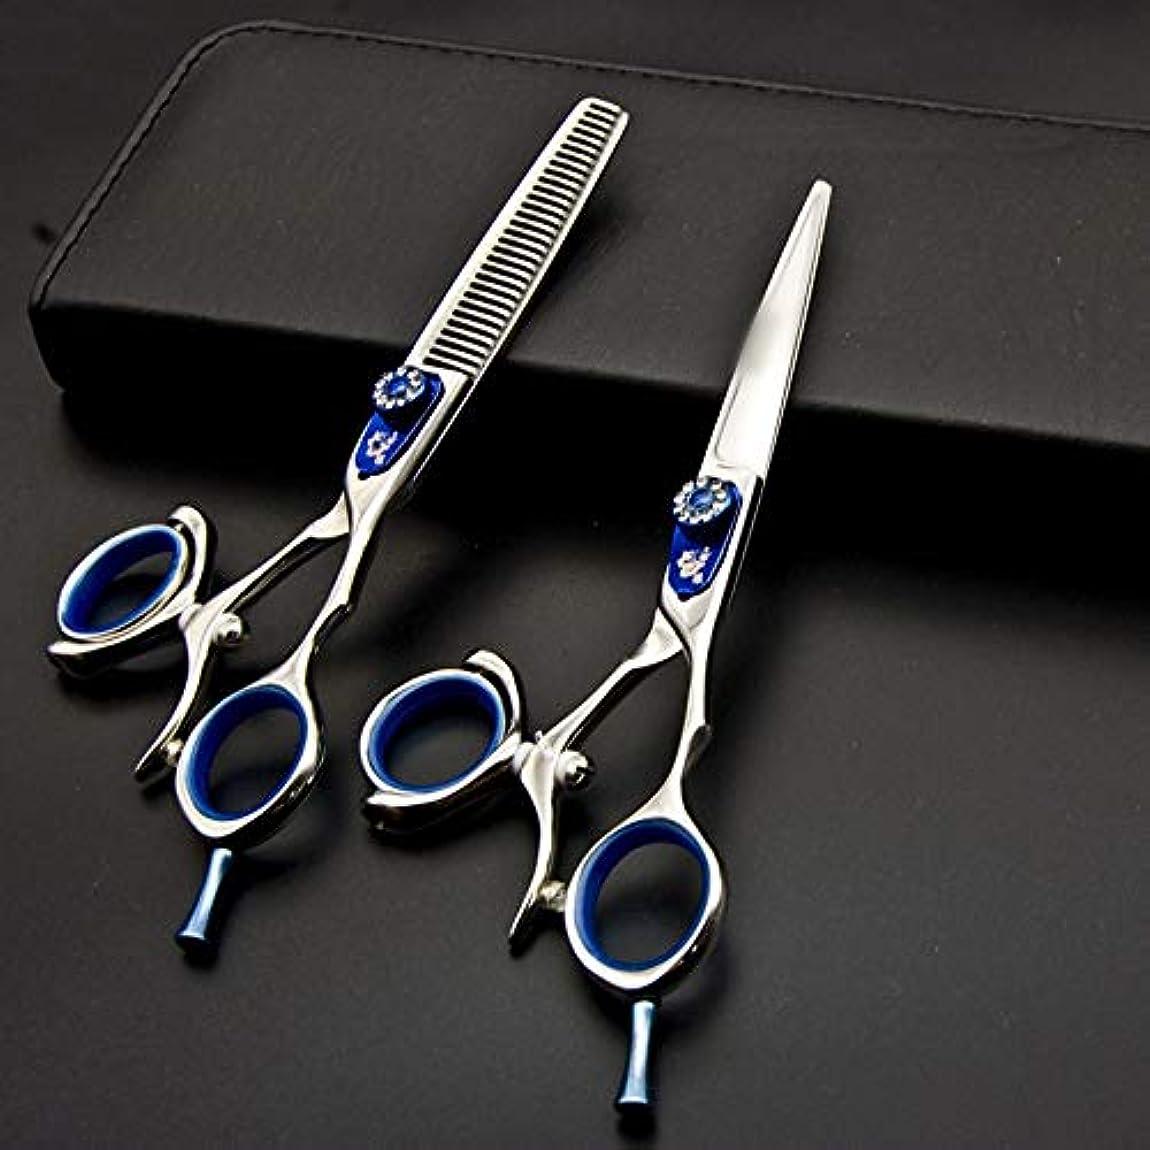 半径破壊的なスキャンダラスWASAIO 美容のプロフェッショナルヘアカット口ひげトリミングサプリメント薄毛クリッピングはさみシアーズキット理容サロンレイザーエッジツールは、6インチのせん断します (色 : 青)